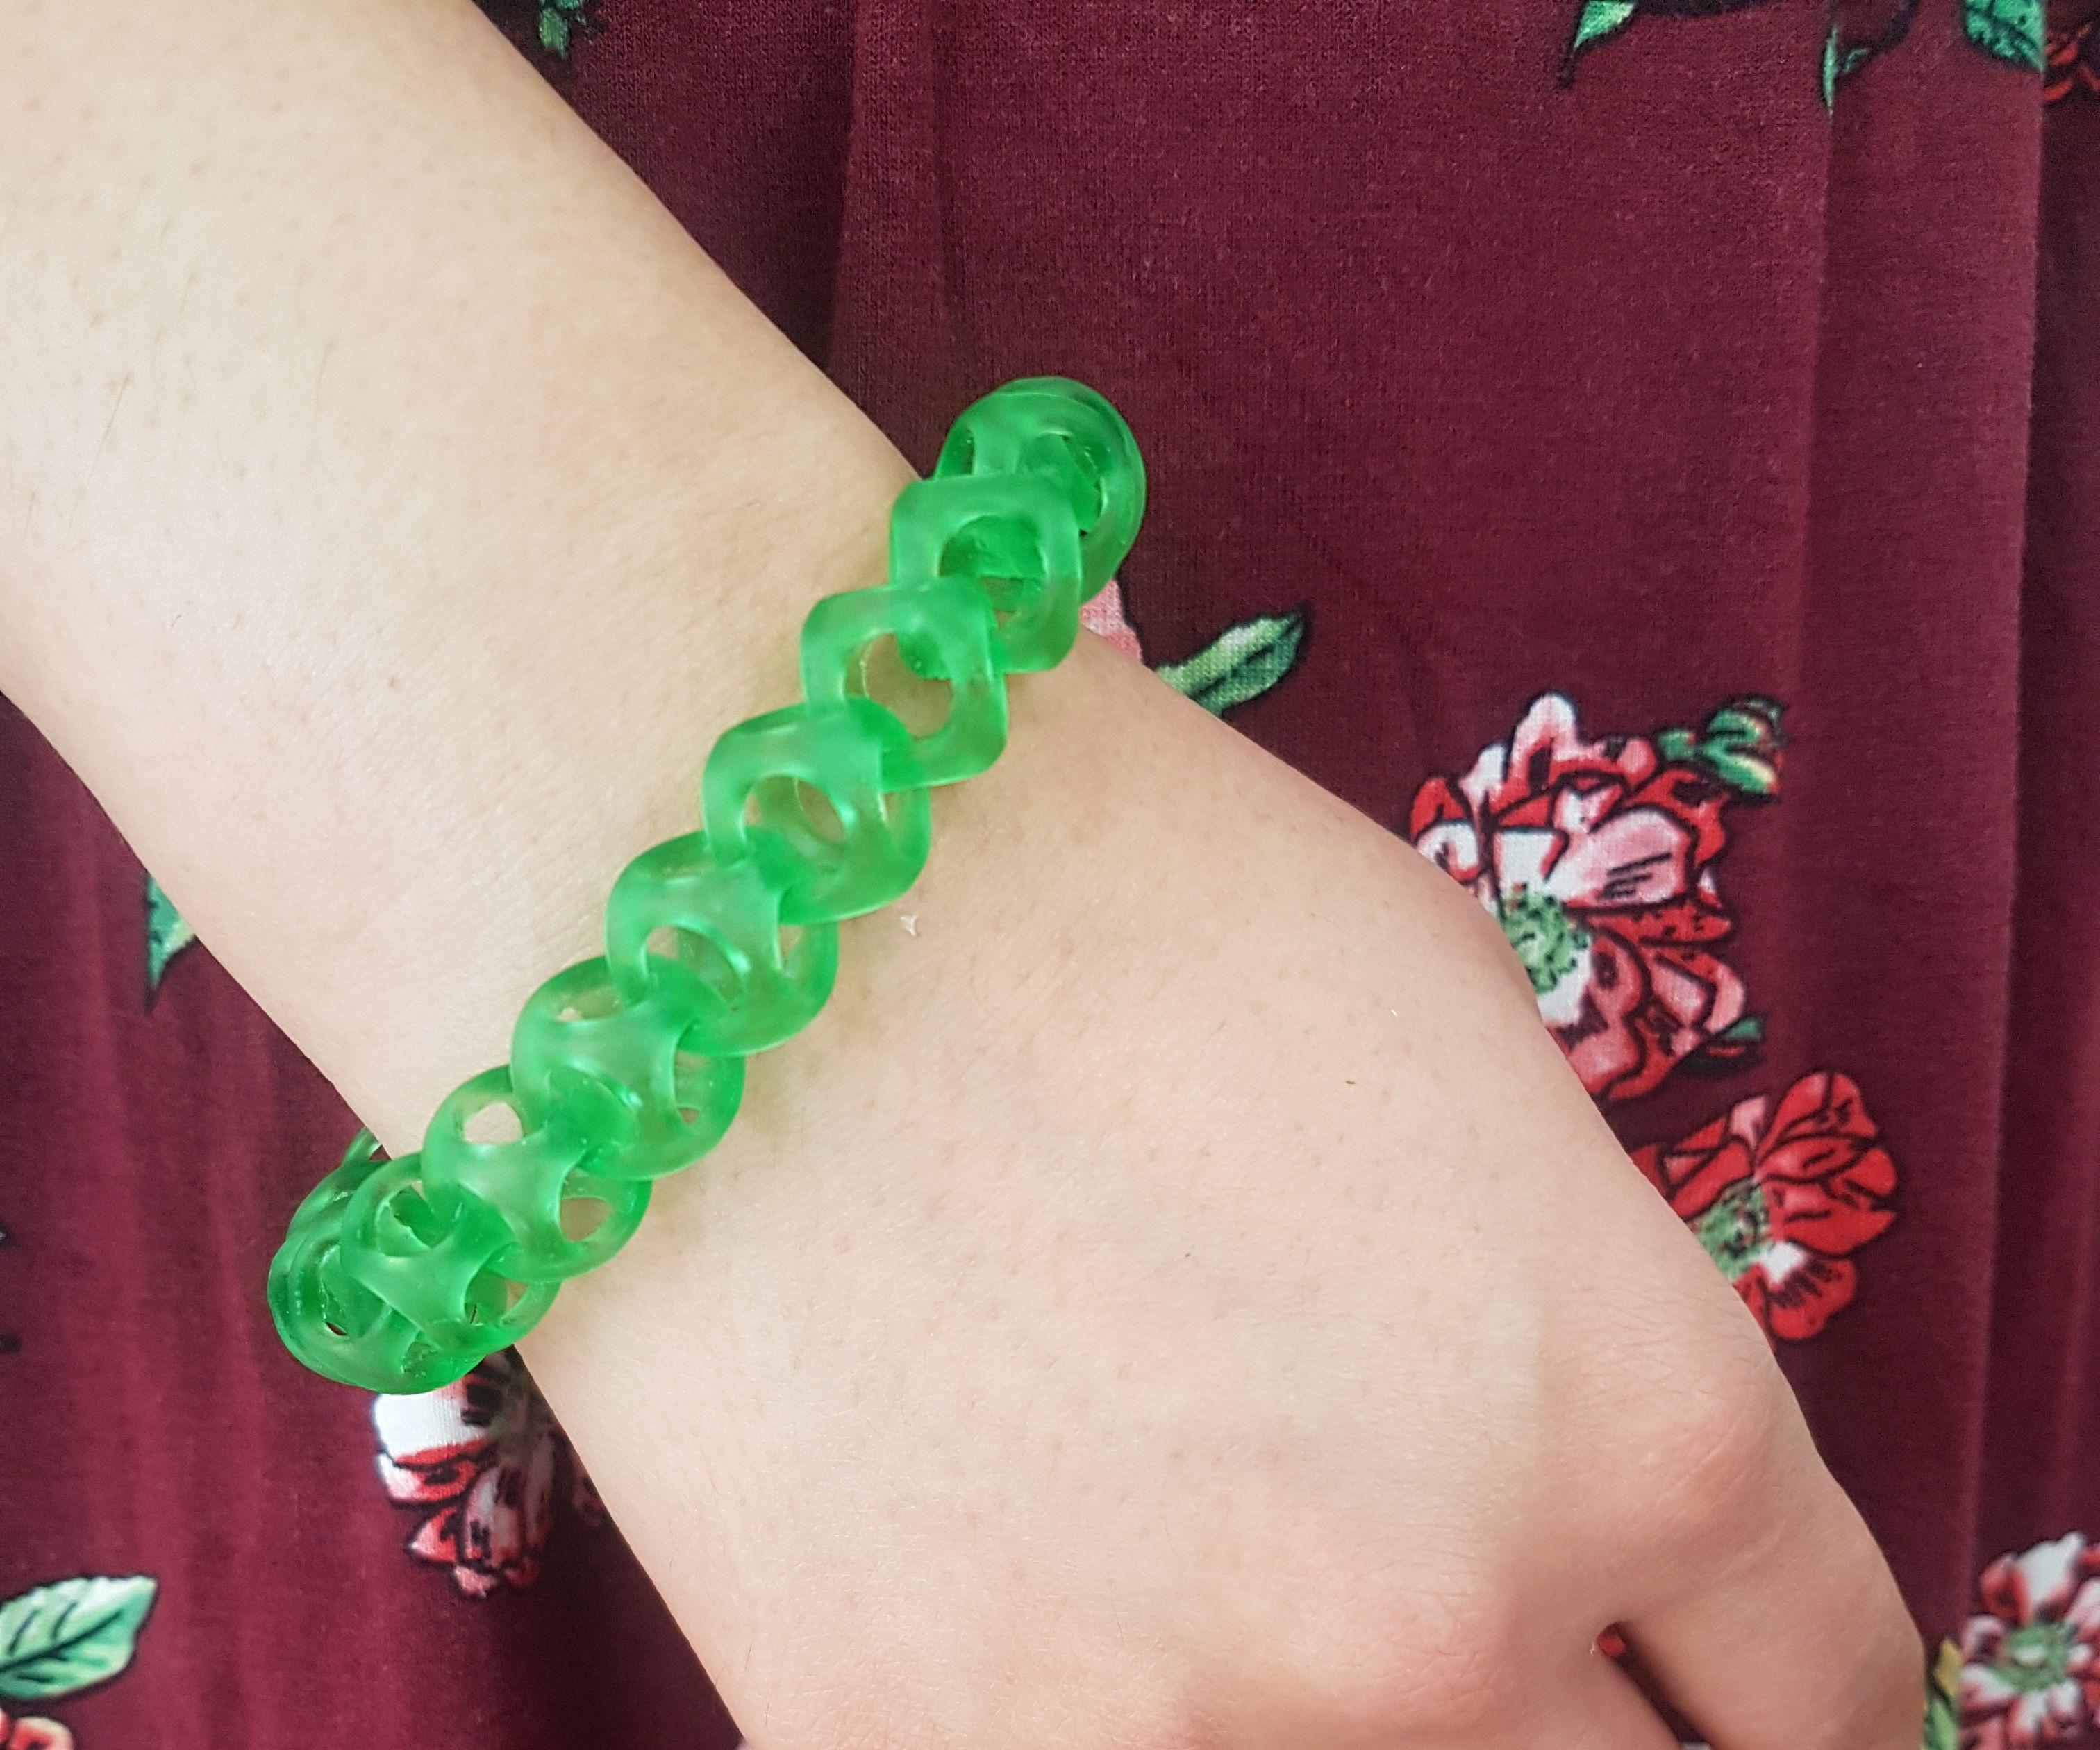 3D Printed Simple Bracelet